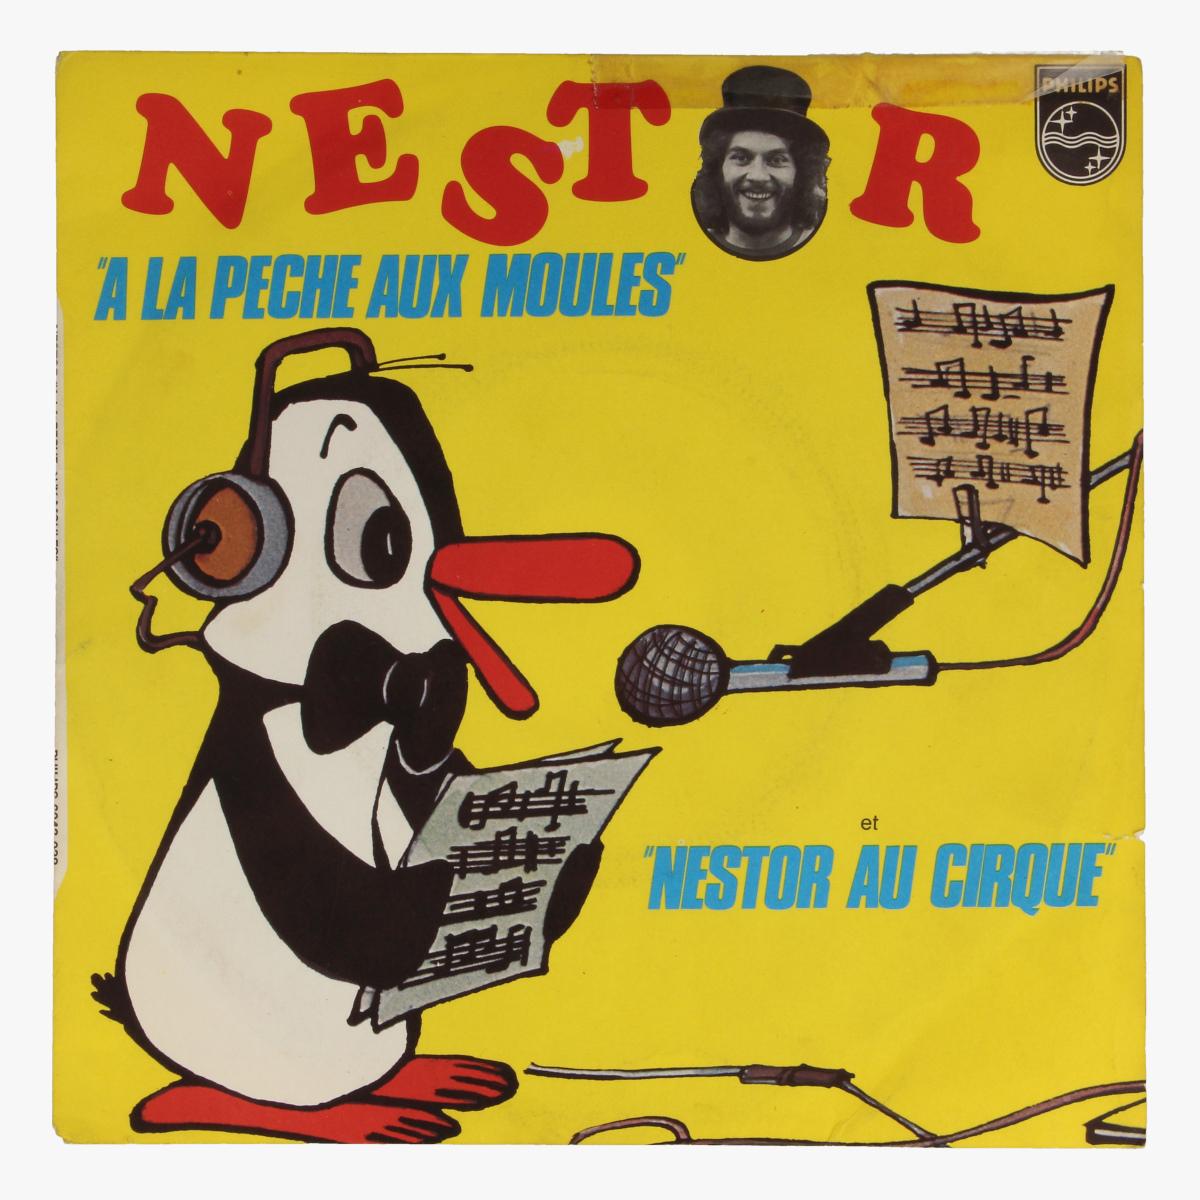 Afbeeldingen van Nestor A la peche aux moules et nestor au cirque